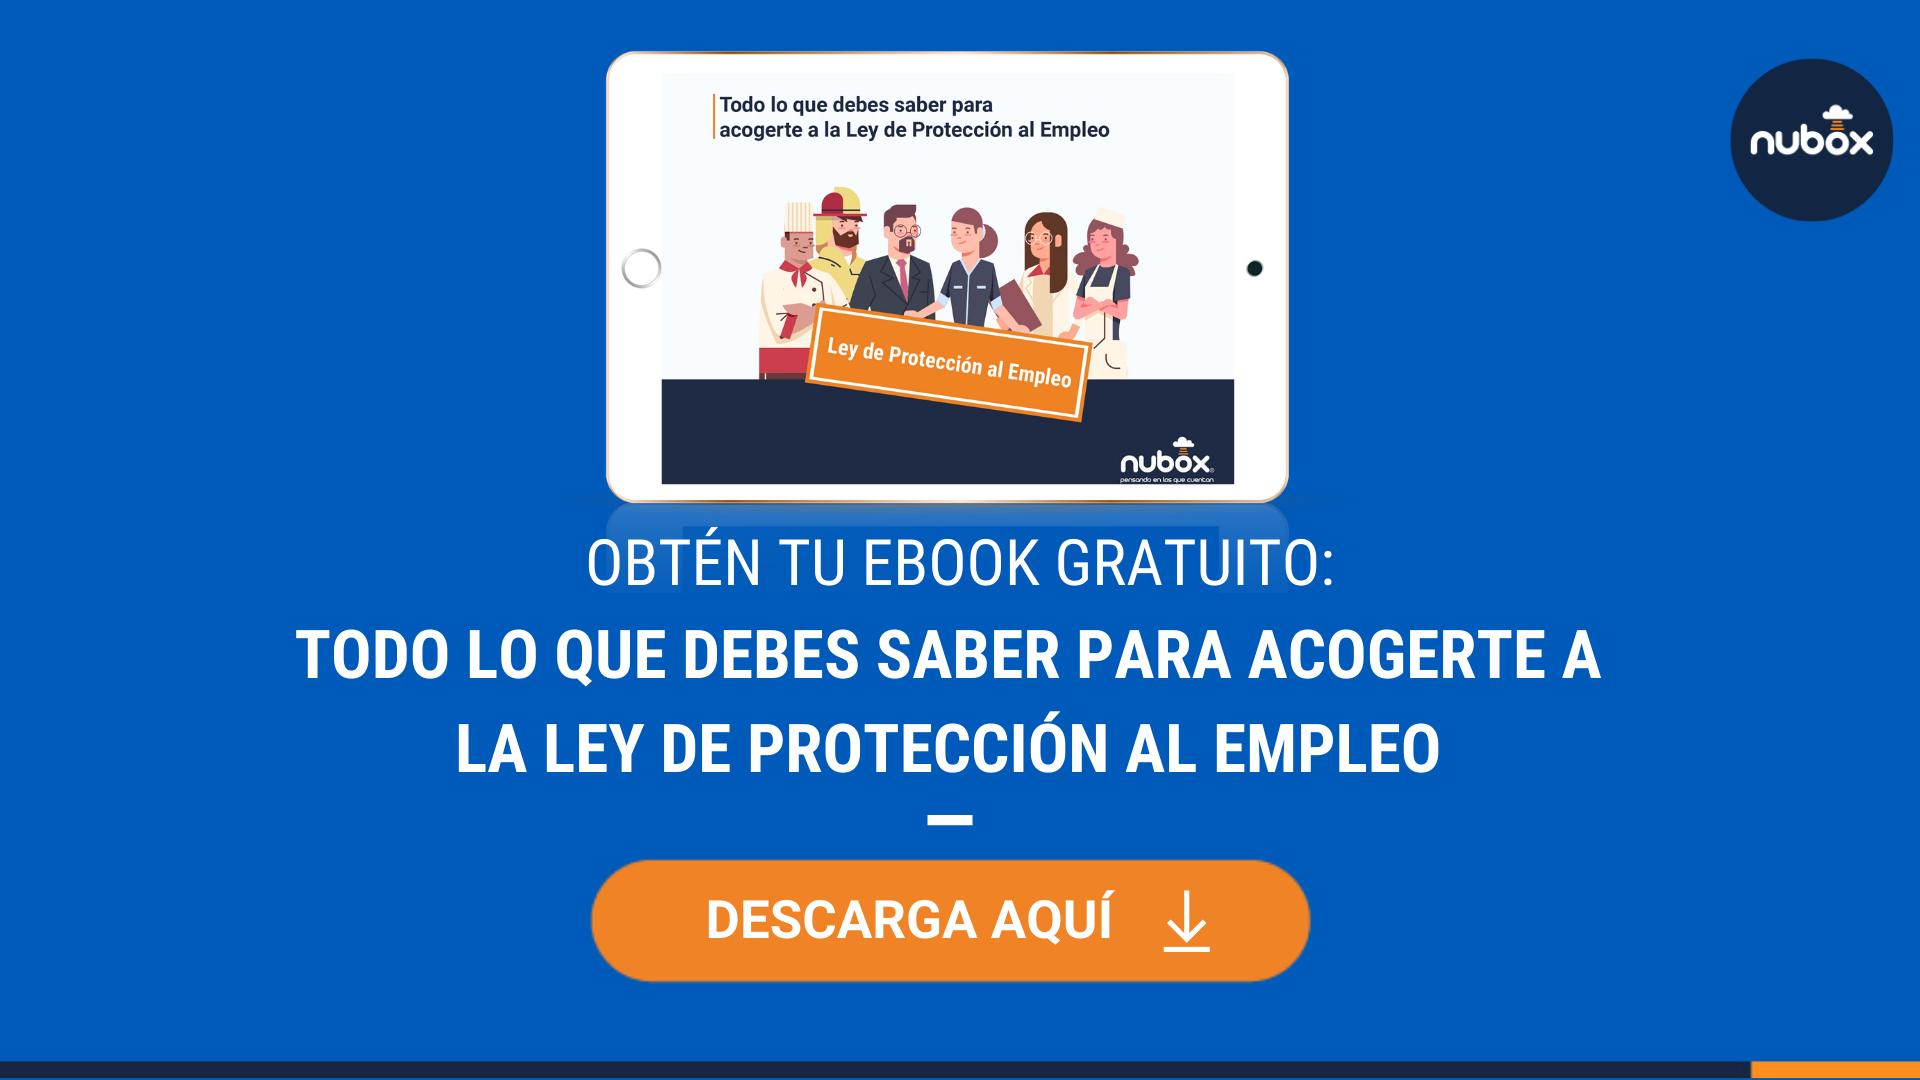 [Ebook Gratuito] Todo lo que debes saber para acogerte a la Ley de Protección al Empleo